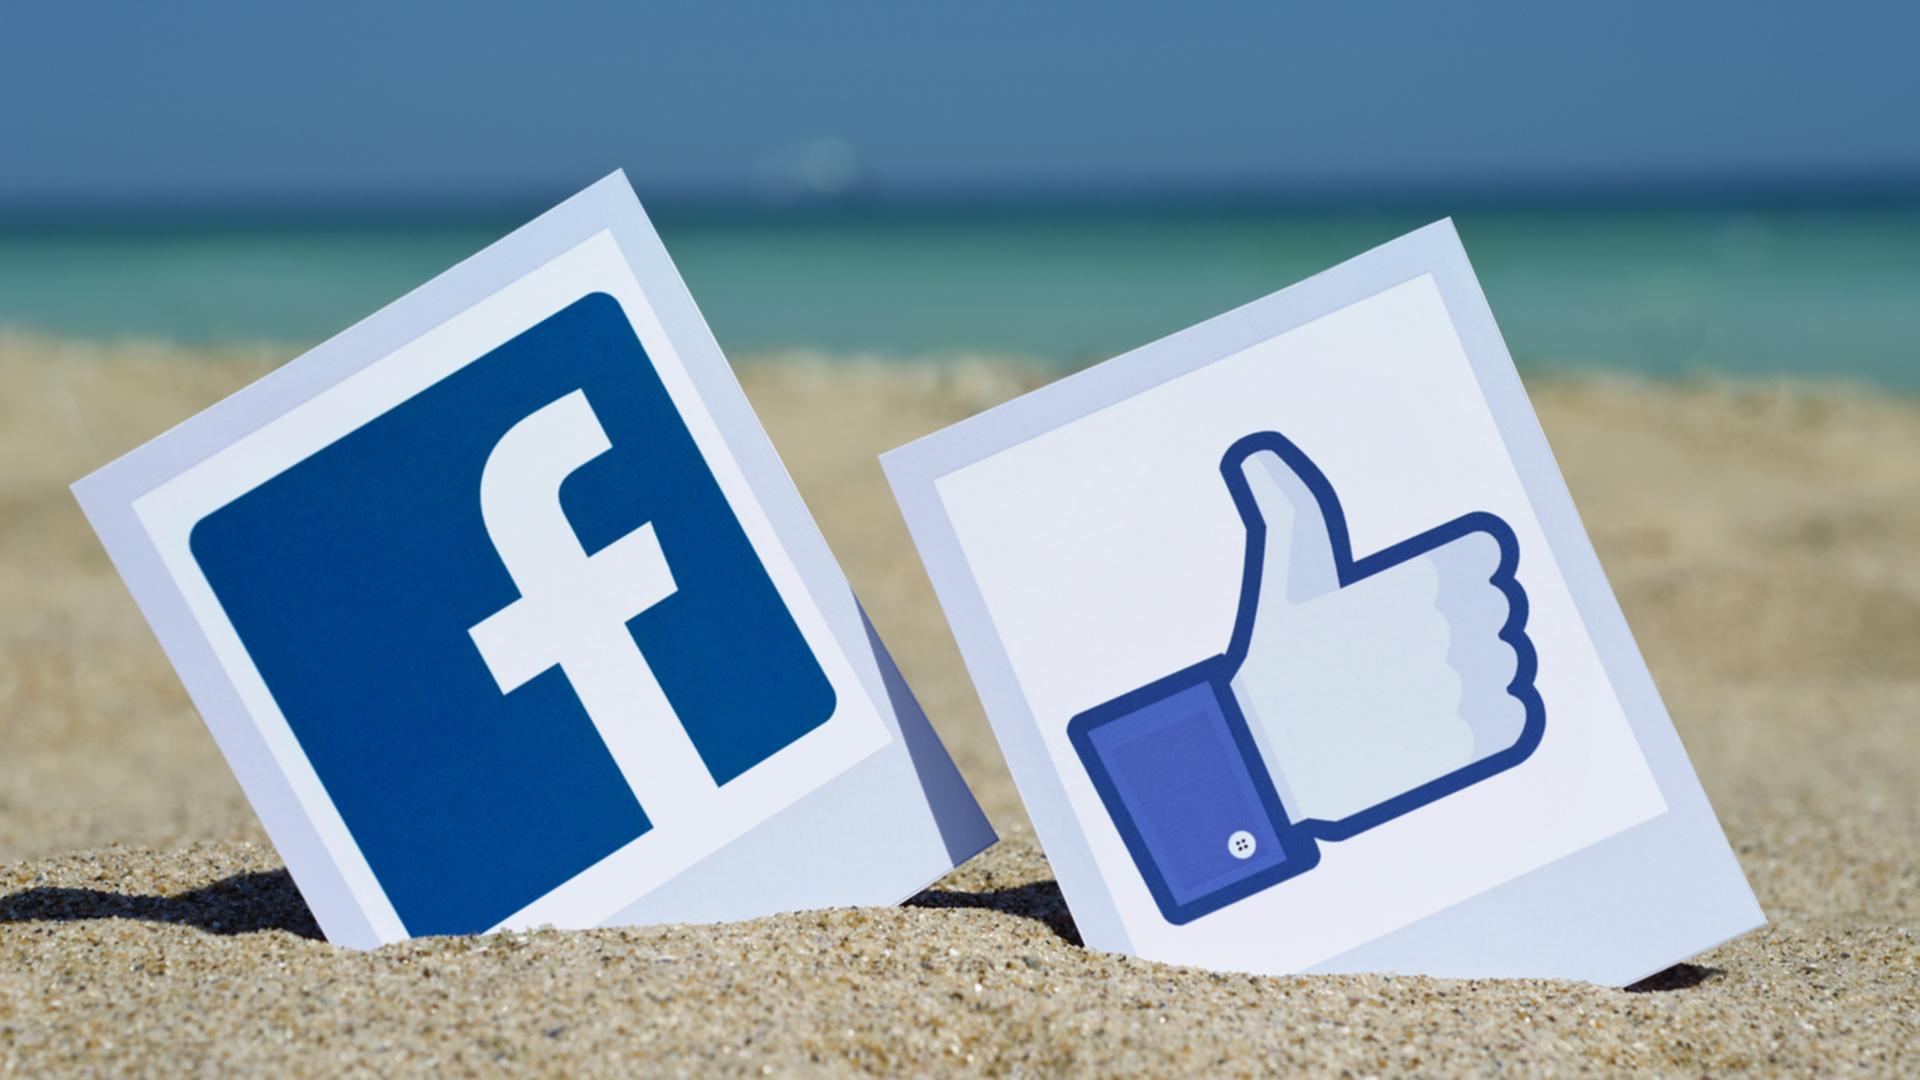 Anuncios dinámicos de Facebook para potenciales viajeros con información de vuelos